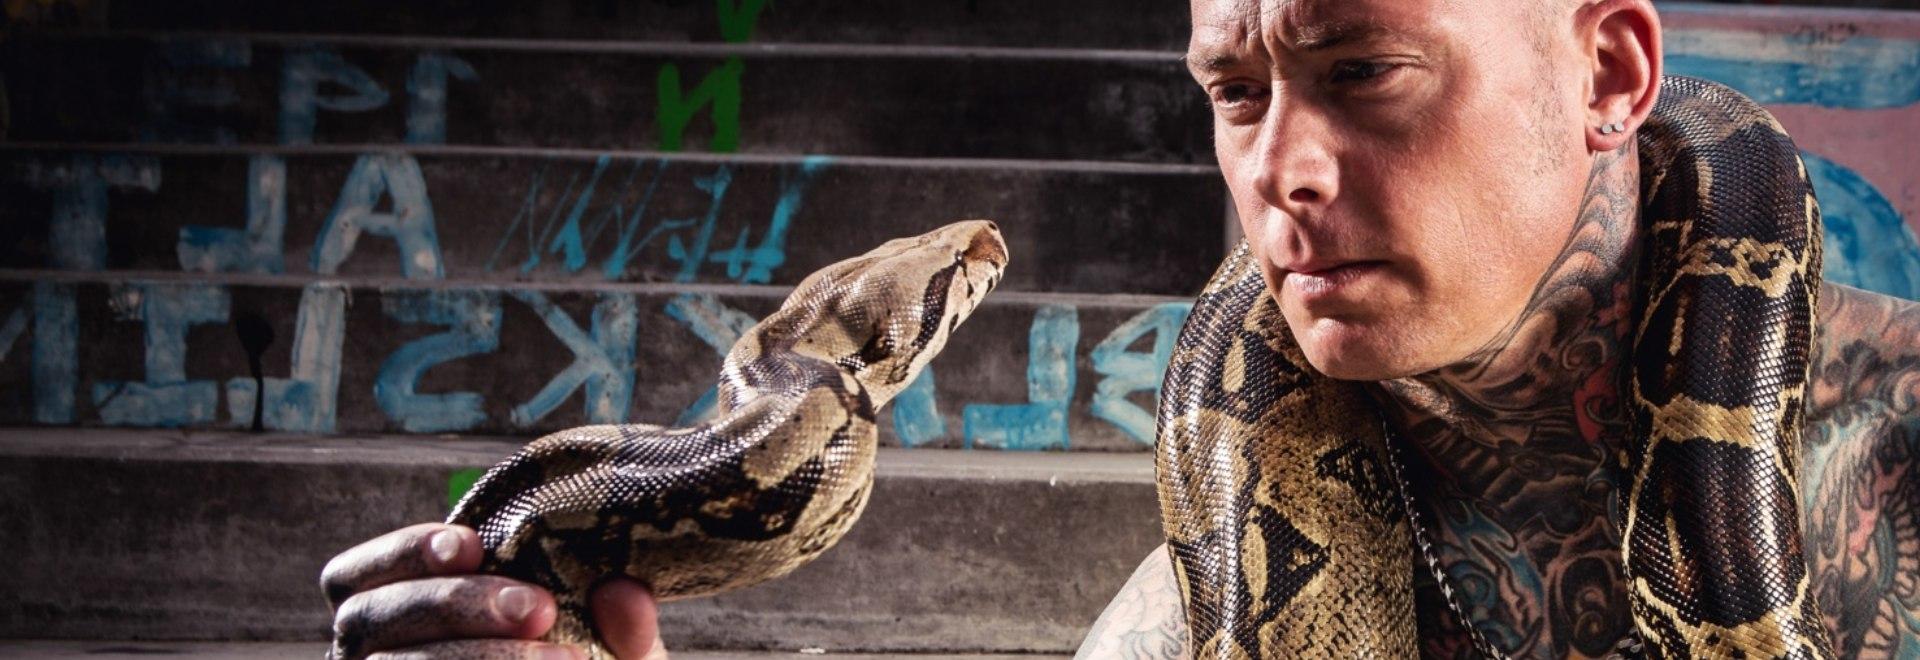 Squadra speciale serpenti